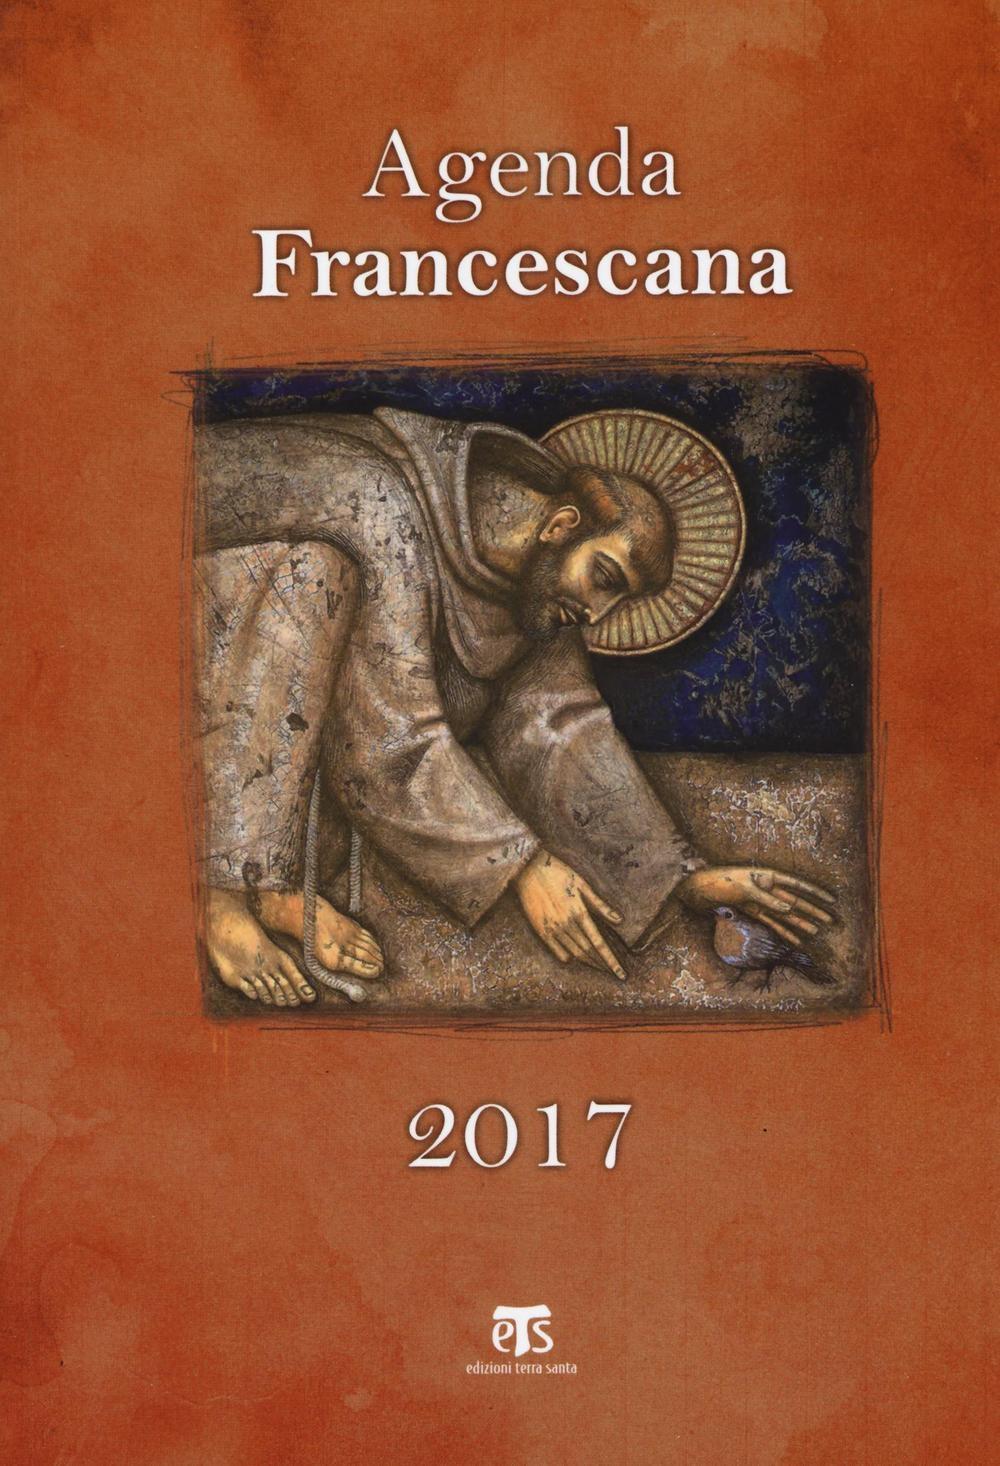 Agenda francescana 2017.